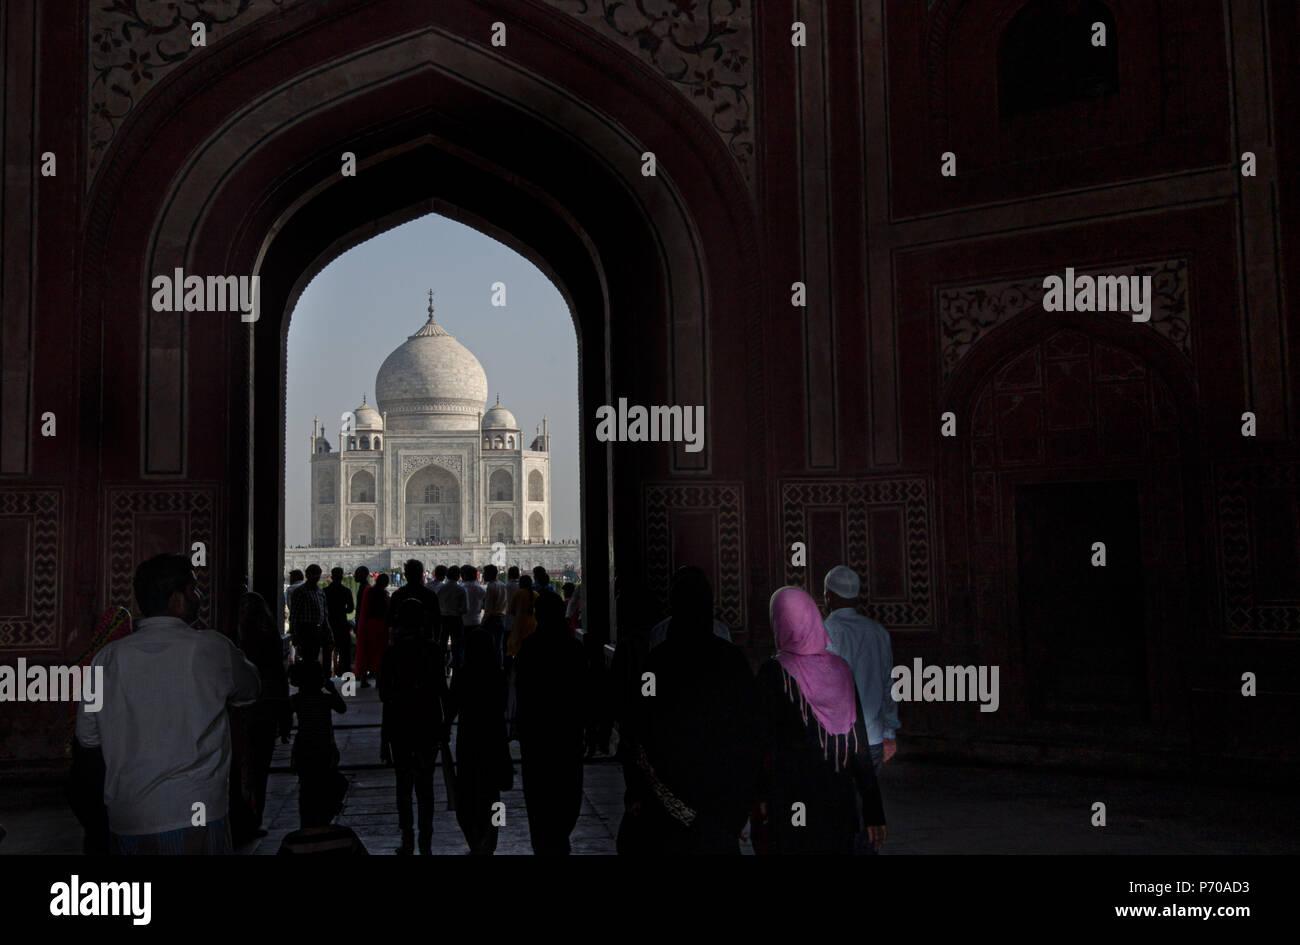 Visitare Taj Mahal, Agra, una delle meraviglie del mondo Immagini Stock